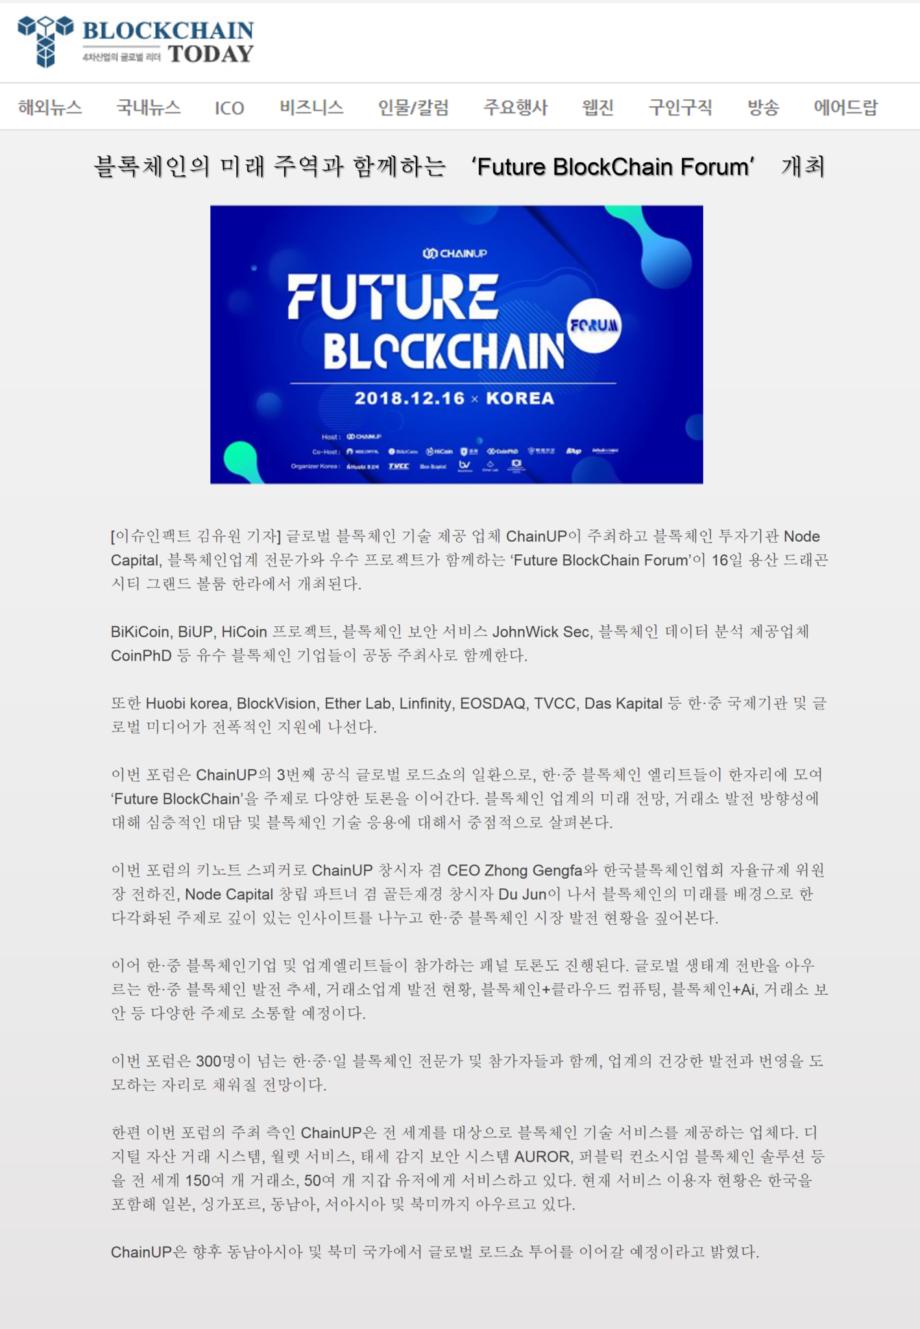 블록체인의 미래 주역과 함께하는 'Future BlockChain Forum' 개최